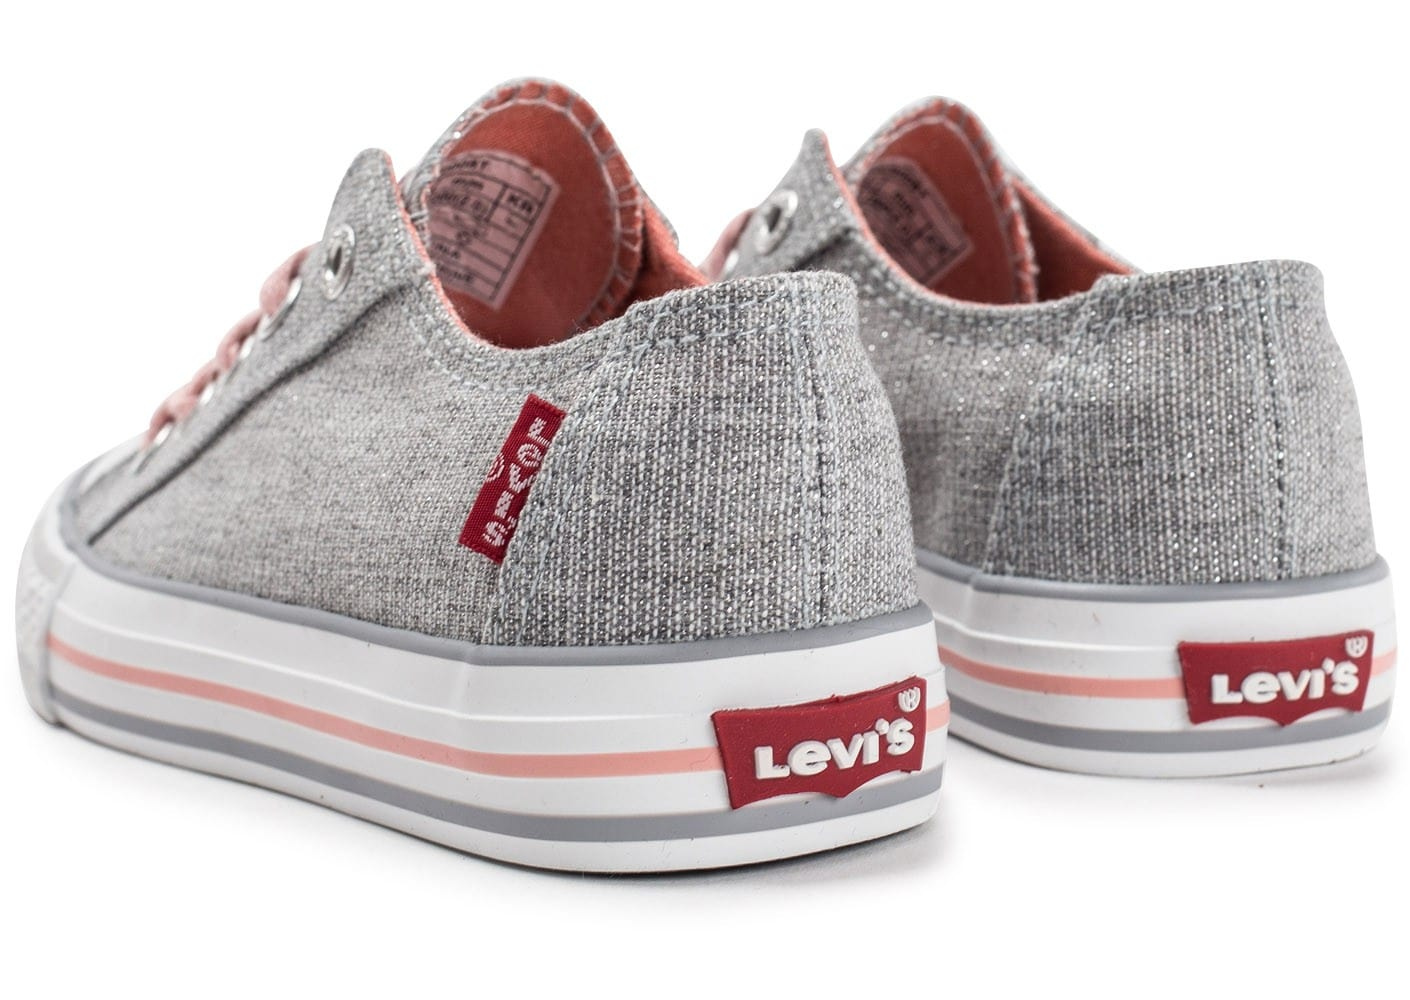 Quand portez-vous vos chaussures Levi's?